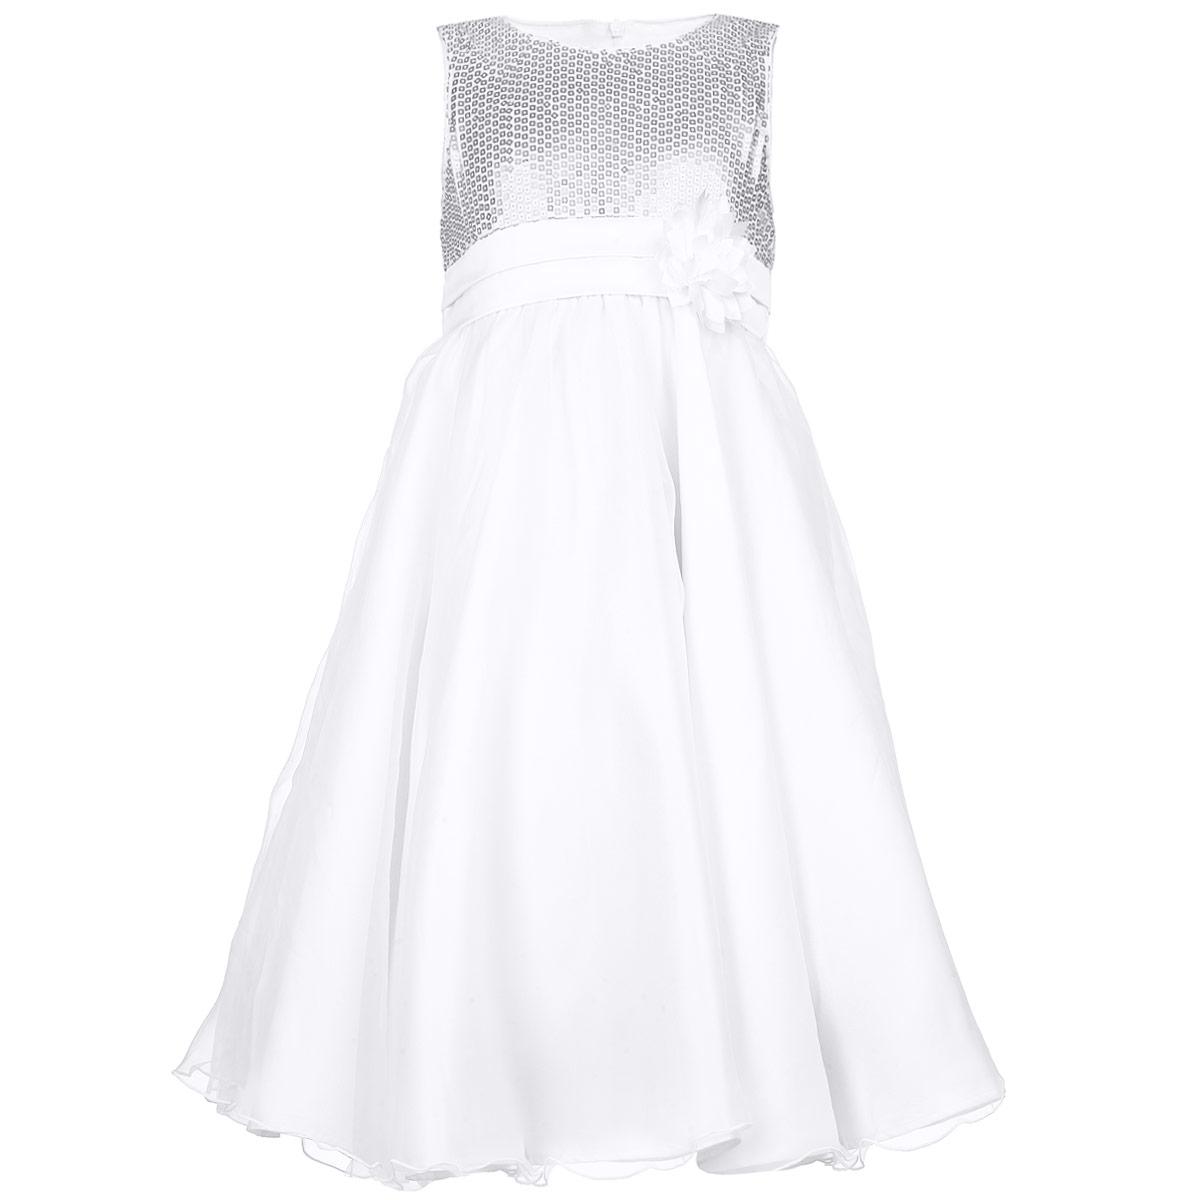 Платье для девочки. 215BBGM2508215BBGM2508Очаровательное платье для девочки Button Blue идеально подойдет вашей маленькой принцессе. Изготовленное из высококачественного материала, оно необычайно мягкое и приятное на ощупь, не сковывает движения и позволяет коже дышать, не раздражает даже самую нежную и чувствительную кожу ребенка, обеспечивая наибольший комфорт. В качестве подкладки используется натуральный хлопок. Платье без рукавов и с круглым вырезом горловины по спинке застегивается на скрытую застежку-молнию, что позволяет легко переодеть ребенка. От завышенной линии талии заложены складочки, придающие изделию пышность. Многослойная юбка выполнена из атласного материала и дополнена верхним слоем из микросетки с волнистой отделкой понизу. Верхняя часть платья украшена пайетками, а также объемным цветочком и двумя крупными складками. Современный дизайн и модная расцветка делают это платье незаменимым предметом детского гардероба. В нем вашей маленькой принцессе будет комфортно и уютно, и она всегда будет в...